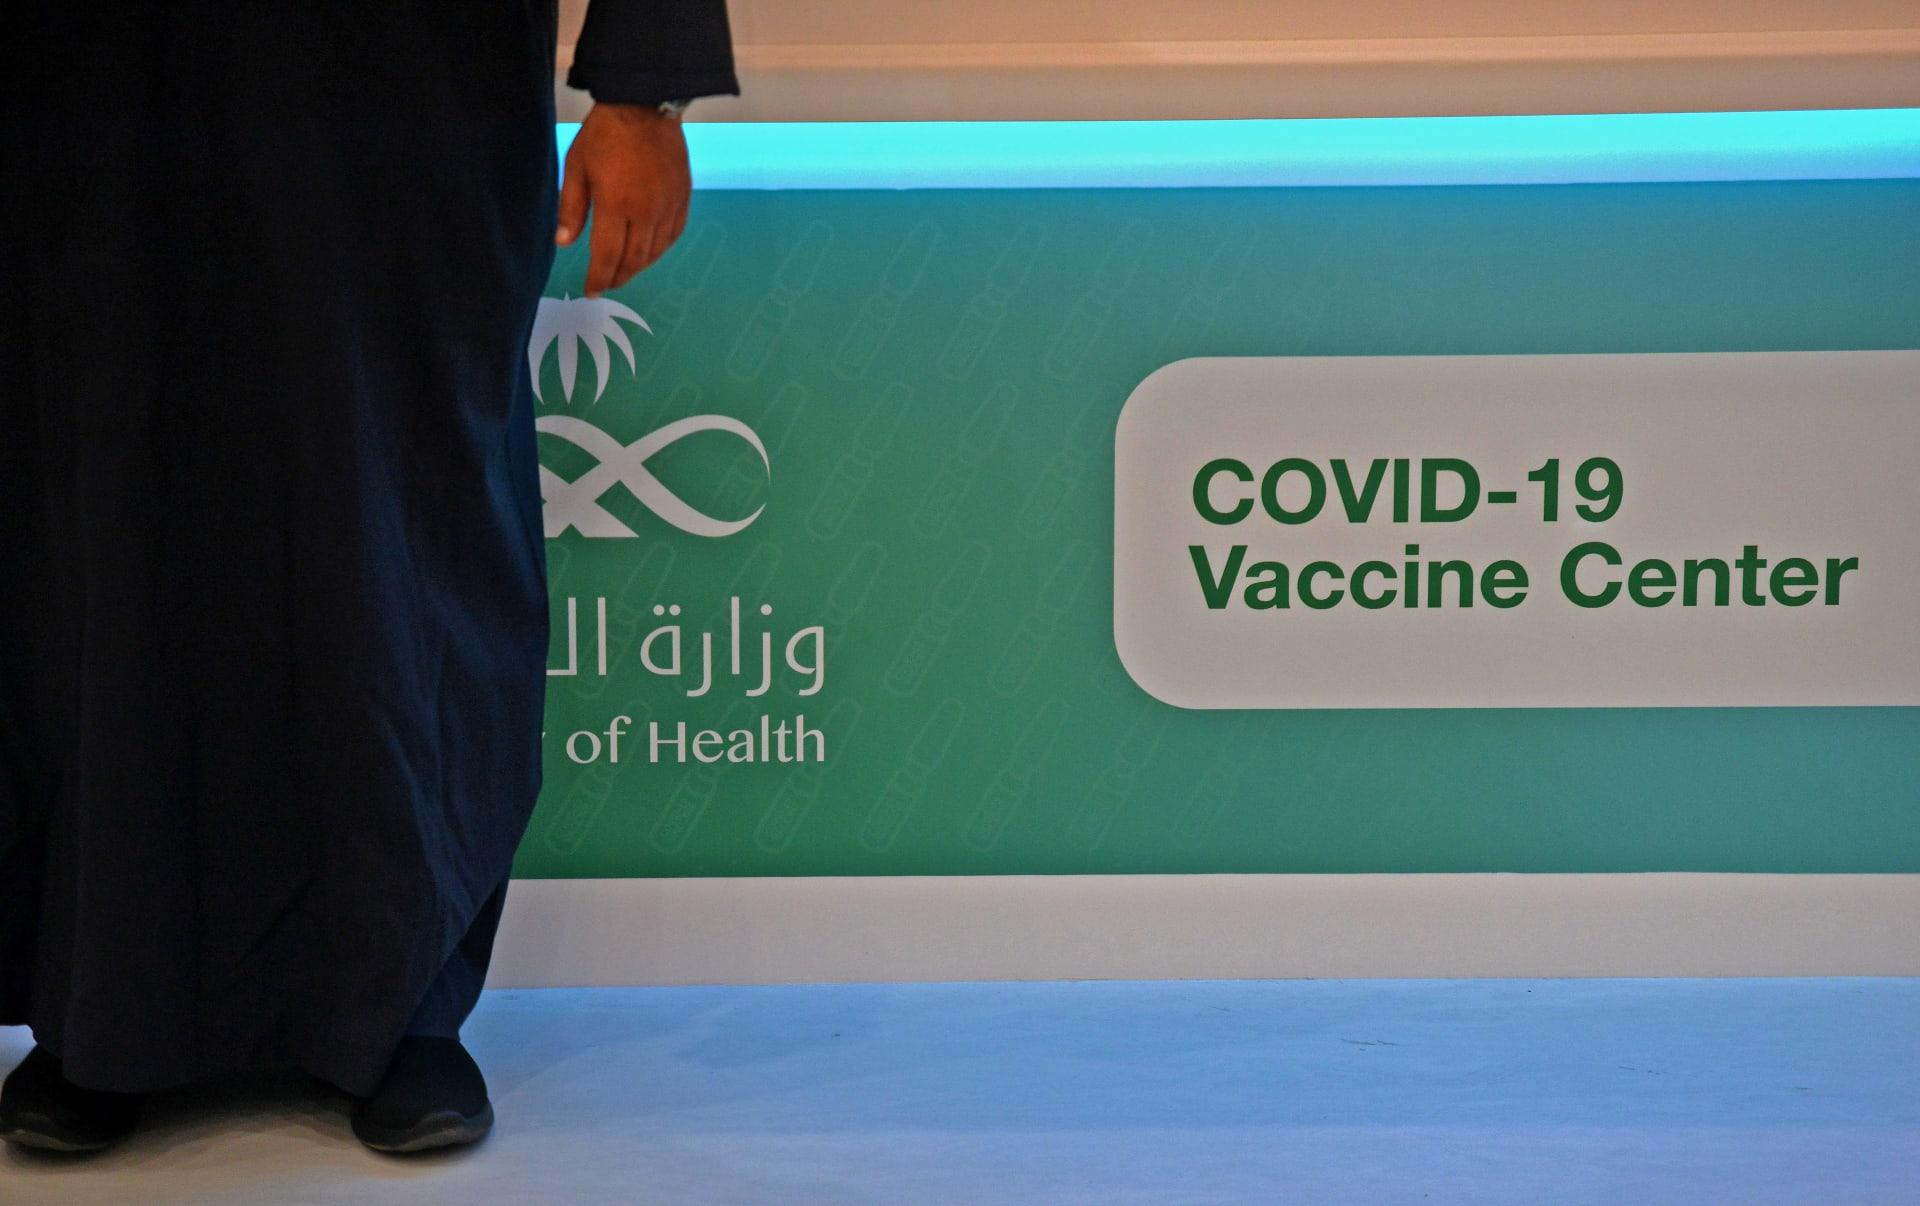 الصحة السعودية تكشف الوضع بشأن فيروس كورونا المتحور.. وتتحدث عن فاعلية اللقاح ضده